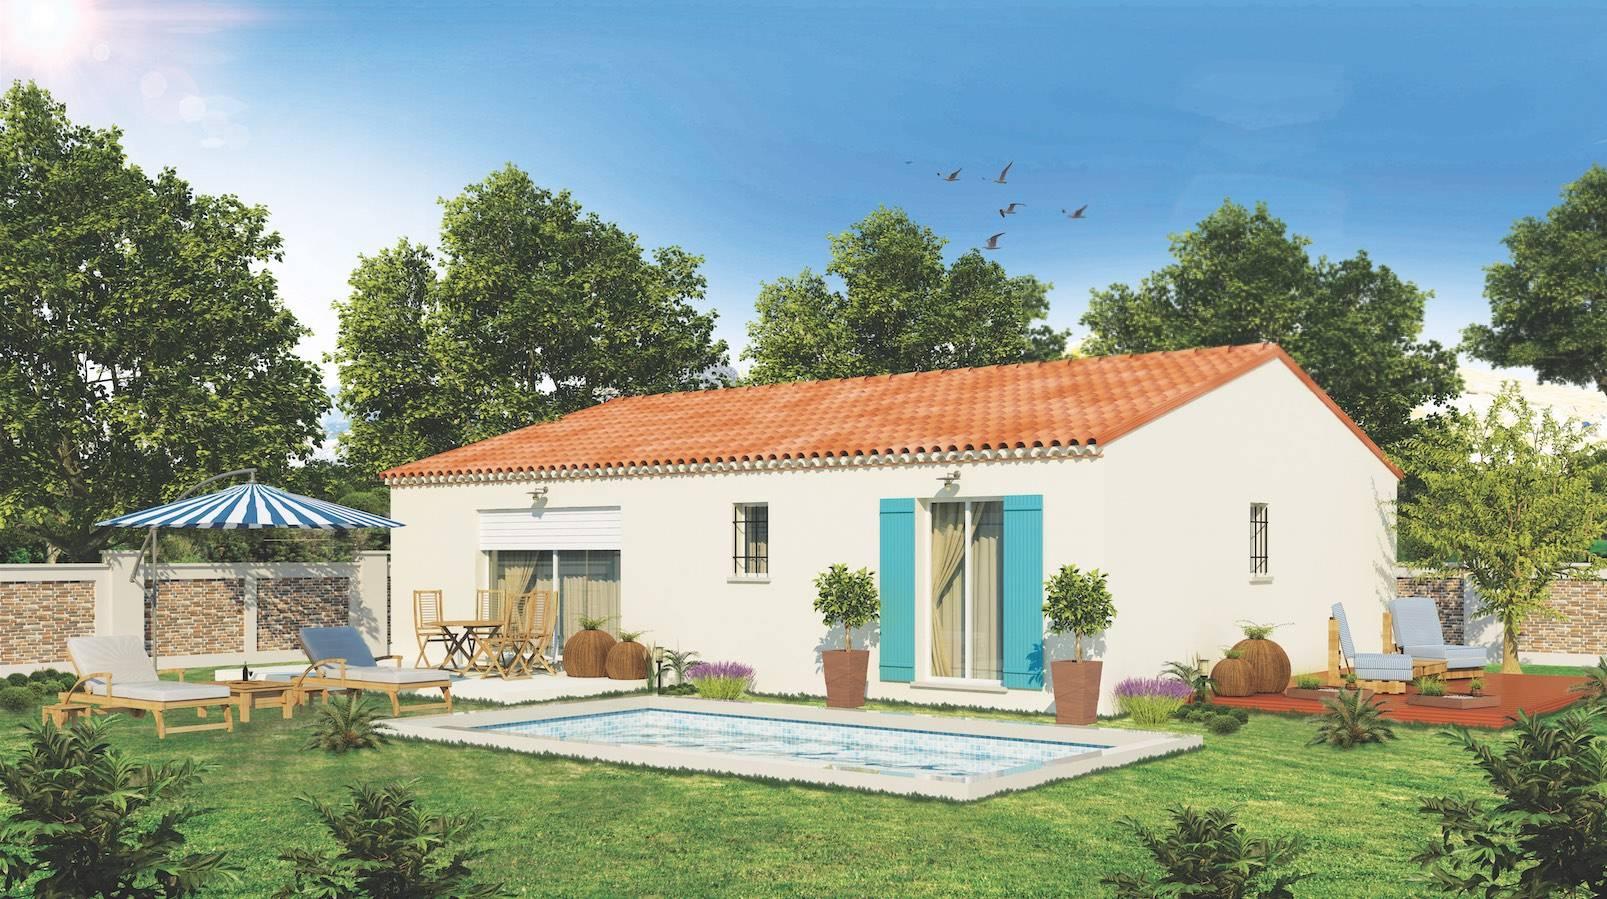 Constructeur De Maison Moderne Avec Toit Plat Salon De Provence Azur Logement Provencal